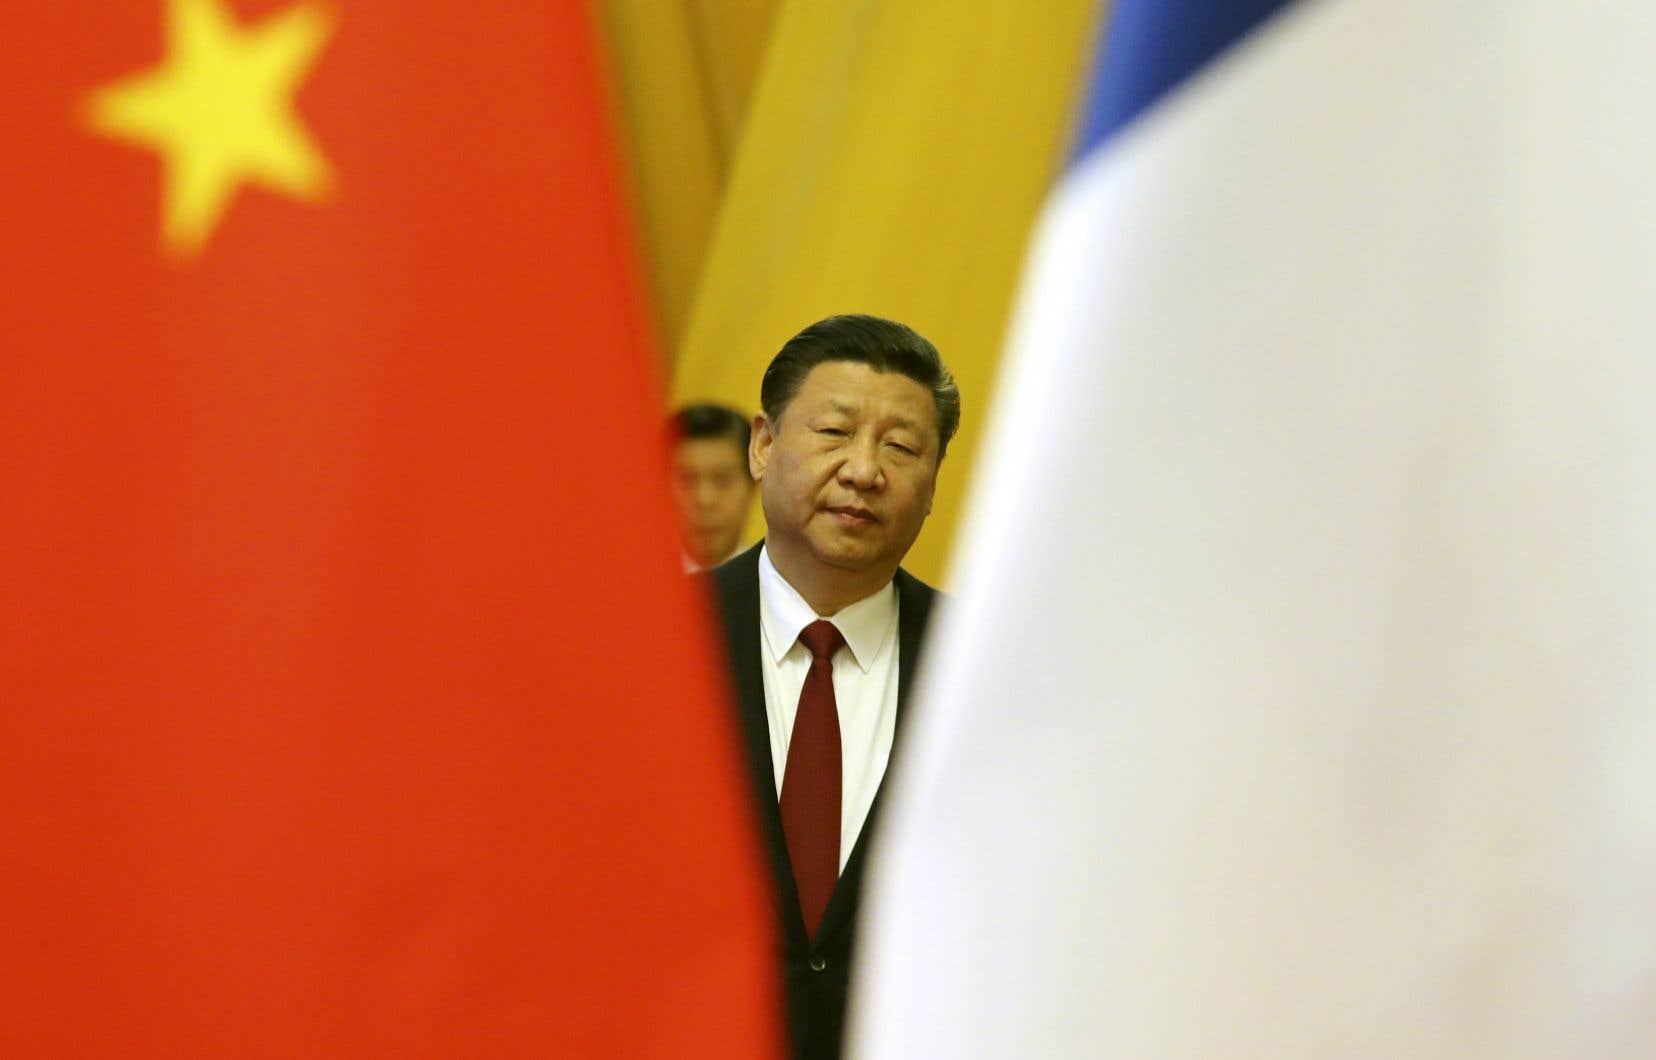 Le président de la République populaire de Chine, Xi Jinping, doit normalement quitter ses fonctions en 2023.